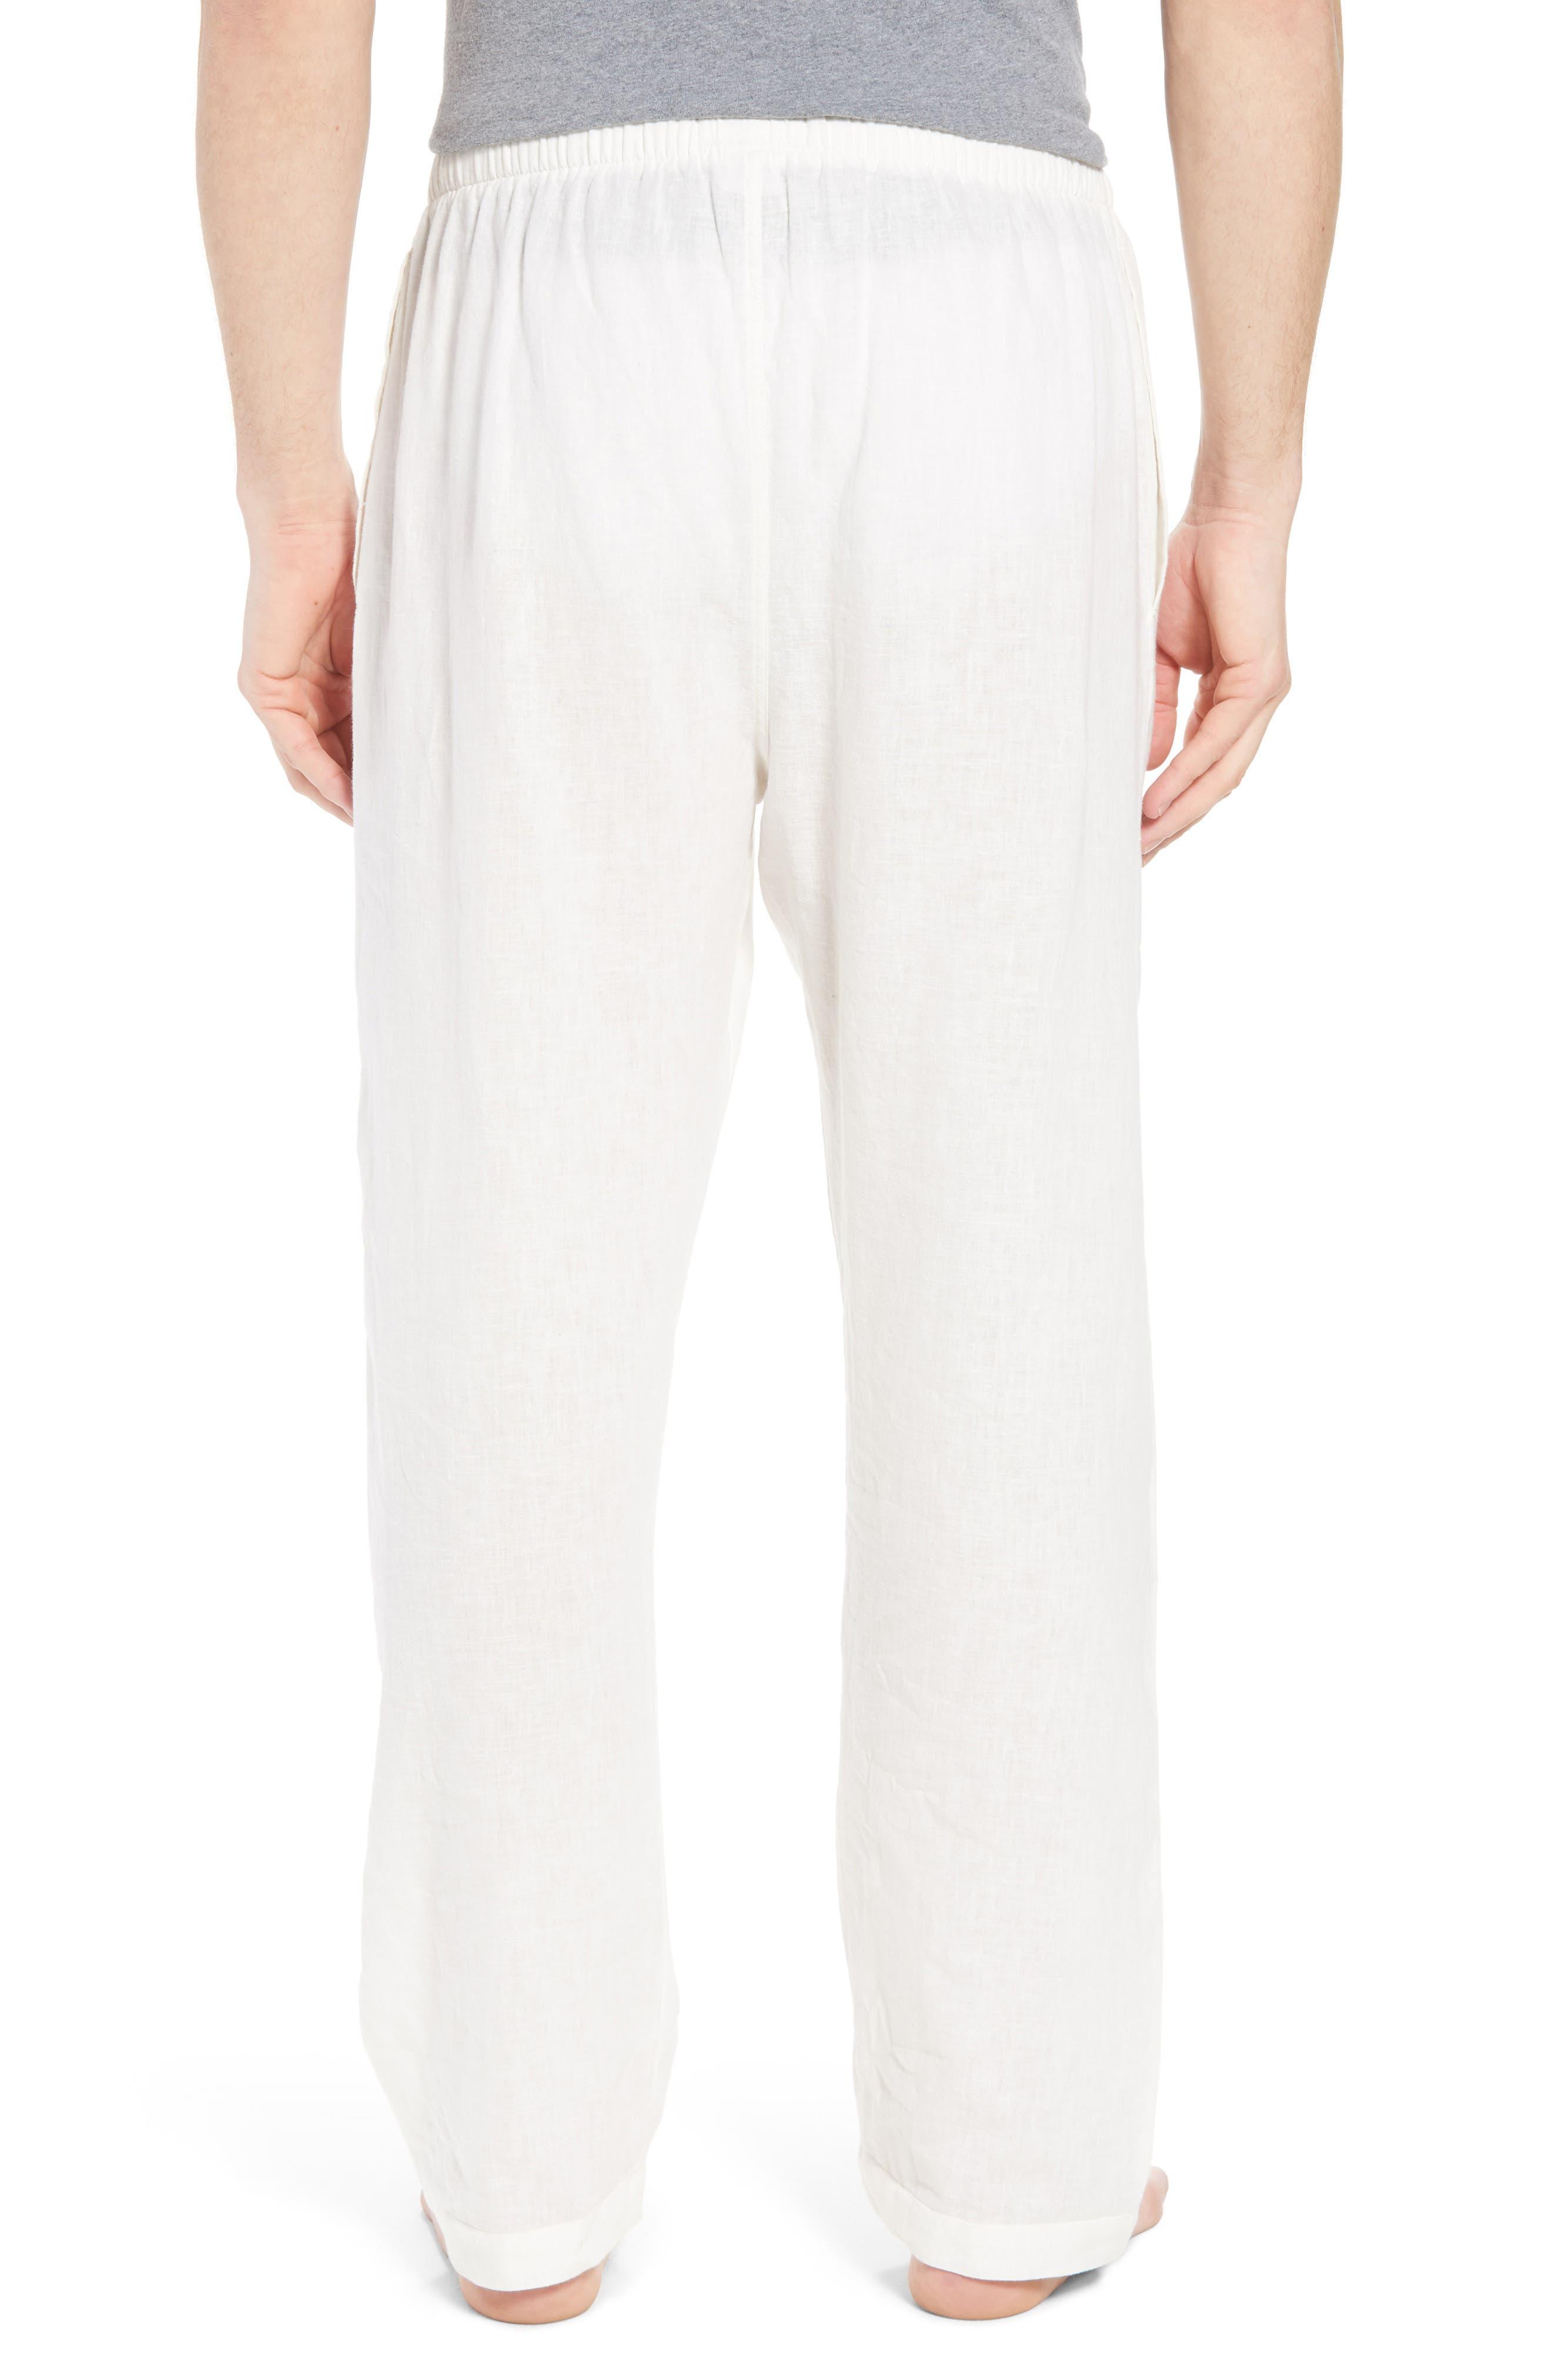 Walker Cotton & Linen Lounge Pants,                             Alternate thumbnail 2, color,                             NEVIS/ BRIGHT NAVY